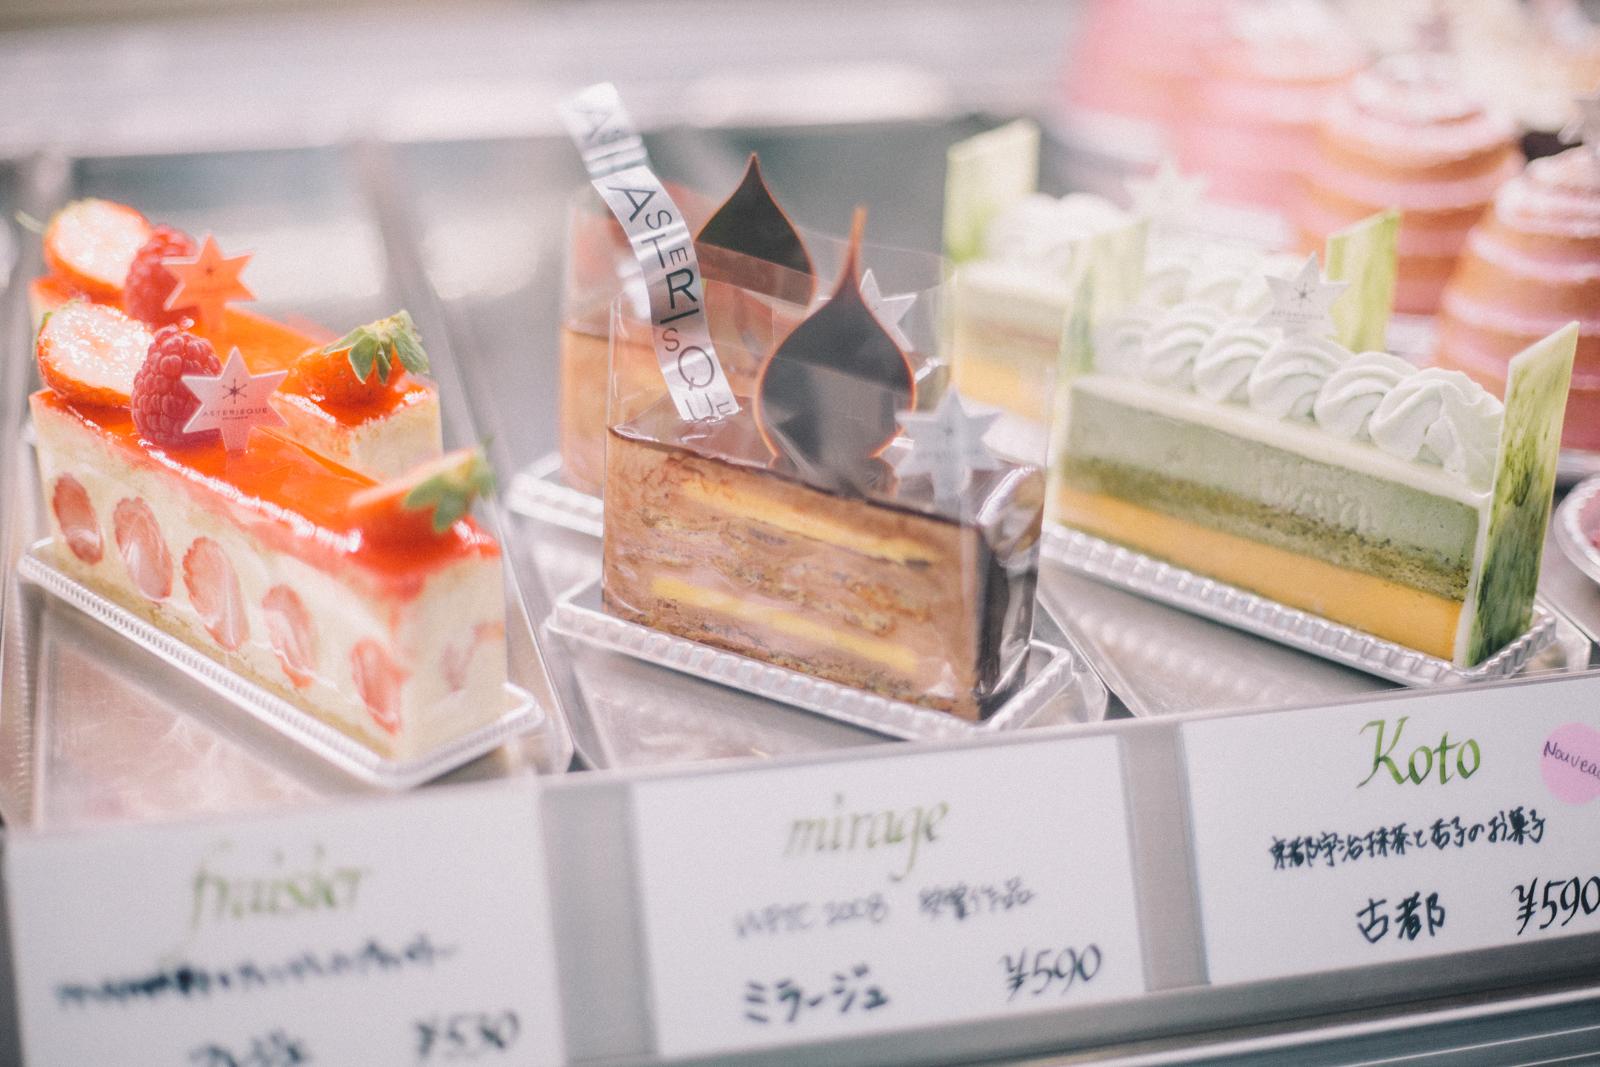 代々木上原 アステリスク ケーキ モンブラン